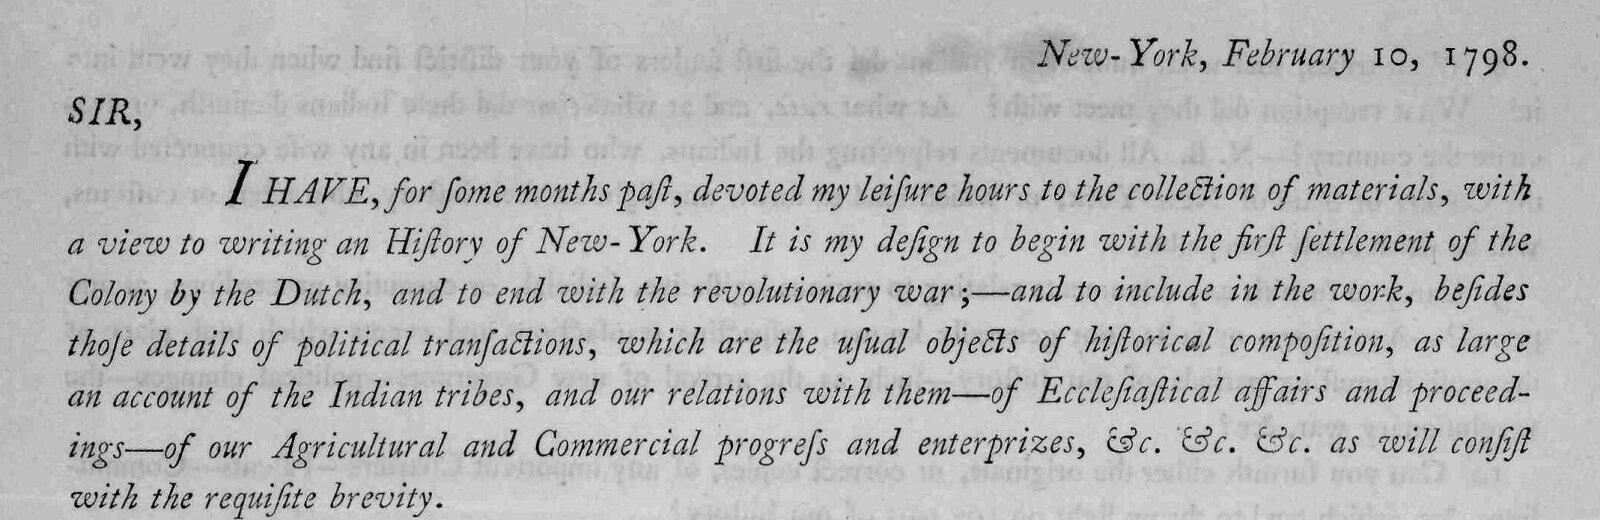 Miller, Samuel, February 10, 1798 Letter Title Page.jpg